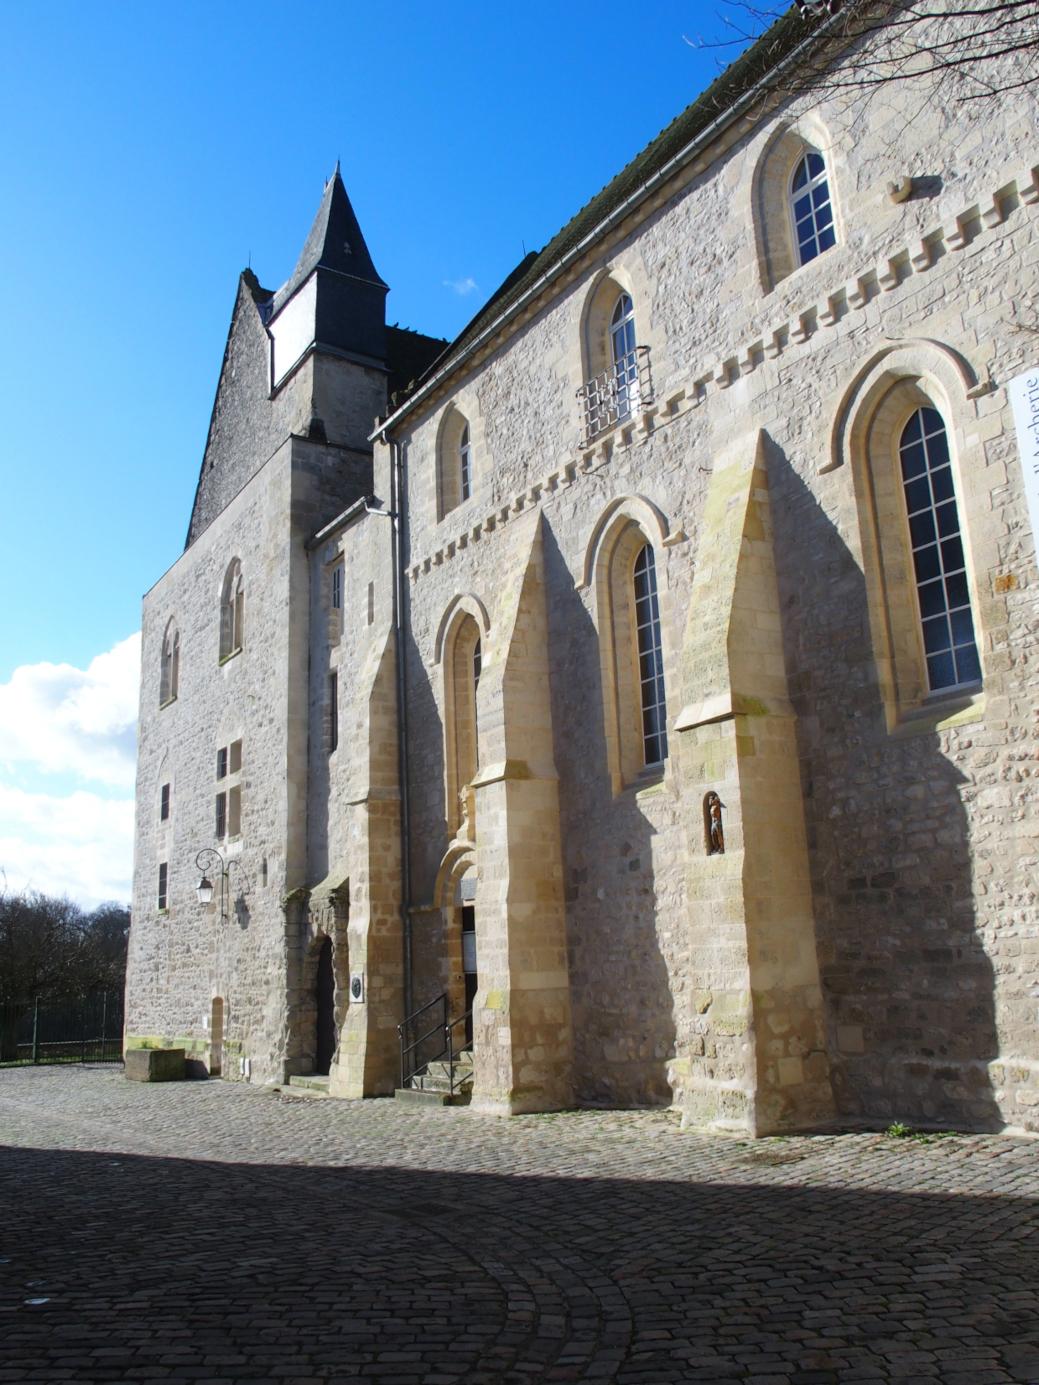 Musée de l'Archerie et du Valois Crépy-en-Valois